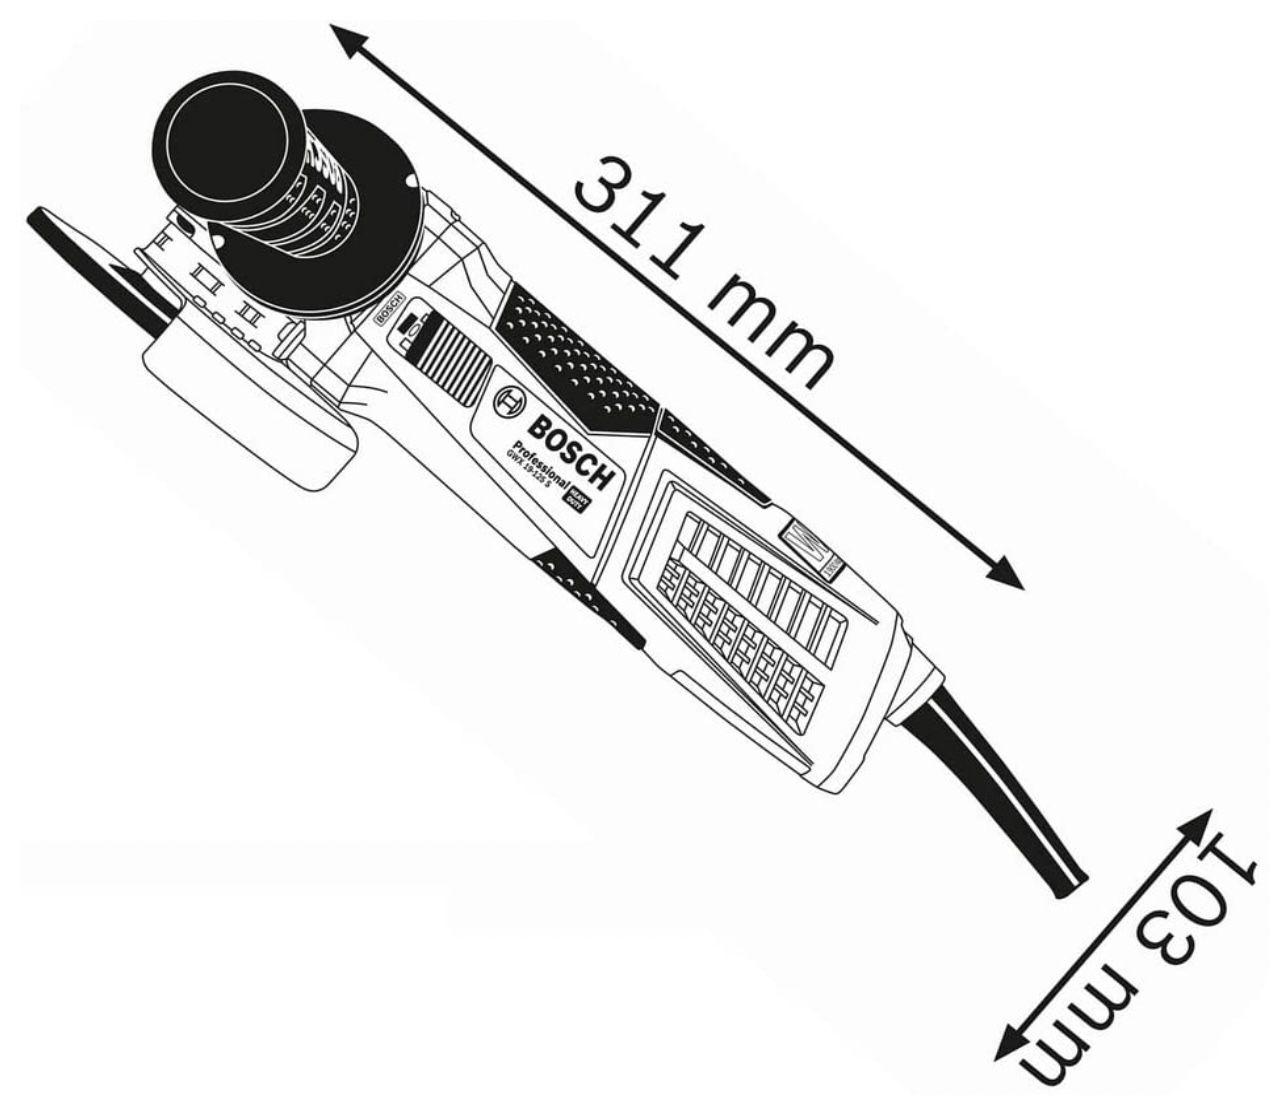 Bosch GWX 19 125 S Professional Winkelschleifer inkl. Anti Vibrationshandgriff für 139€ (statt 170€)